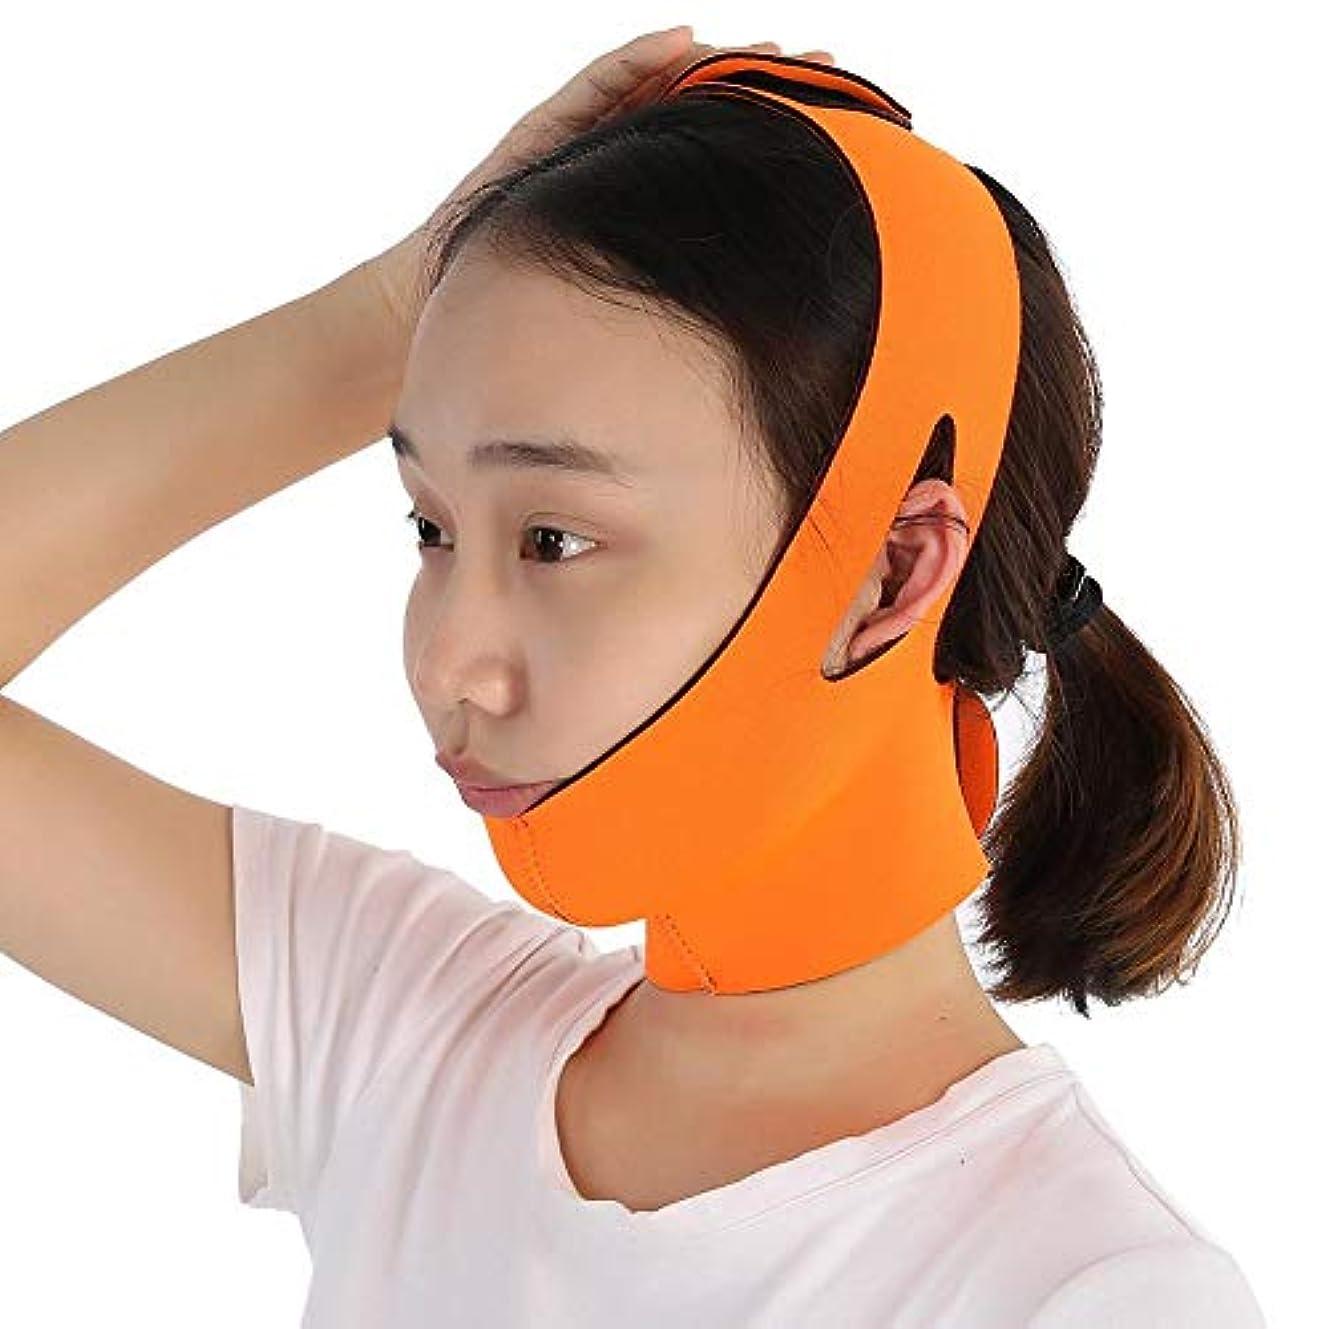 一時停止細部分岐する顔痩身包帯ベルトマスクフェイスリフトダブルチンスキンストラップ女性抗痩身ベルトフェイシャル薄いメッセンジャーフェイスリフトツール,Orange